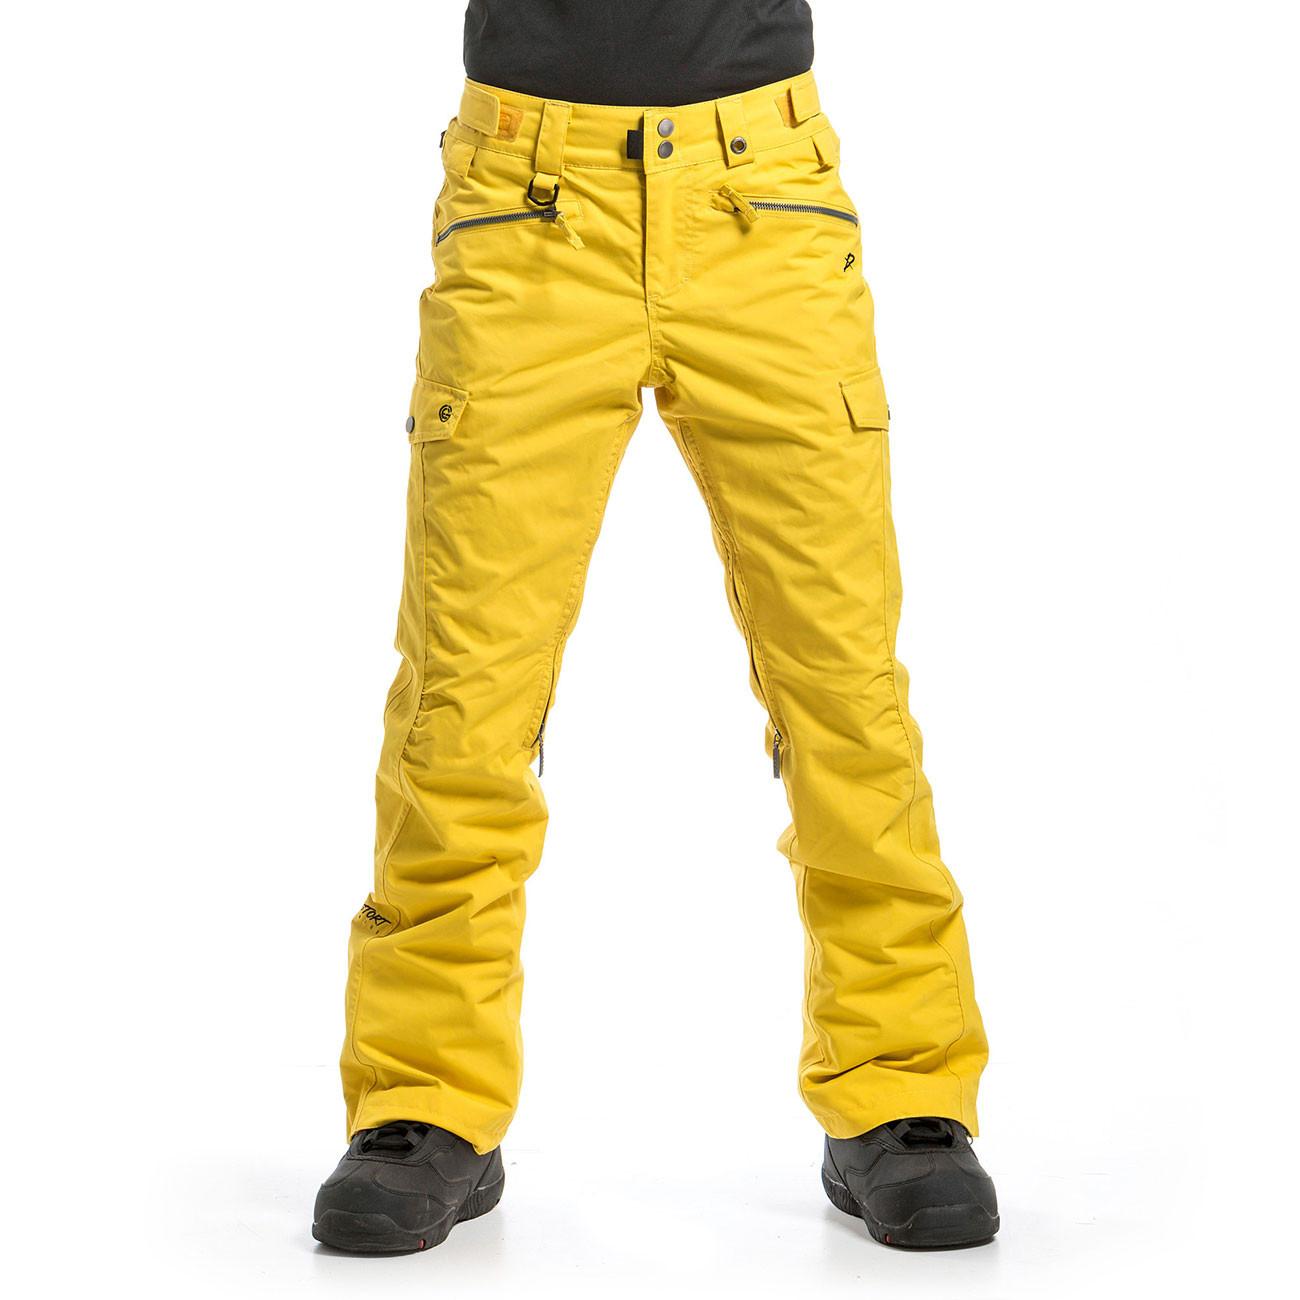 Kalhoty Nugget Frida 3 gold